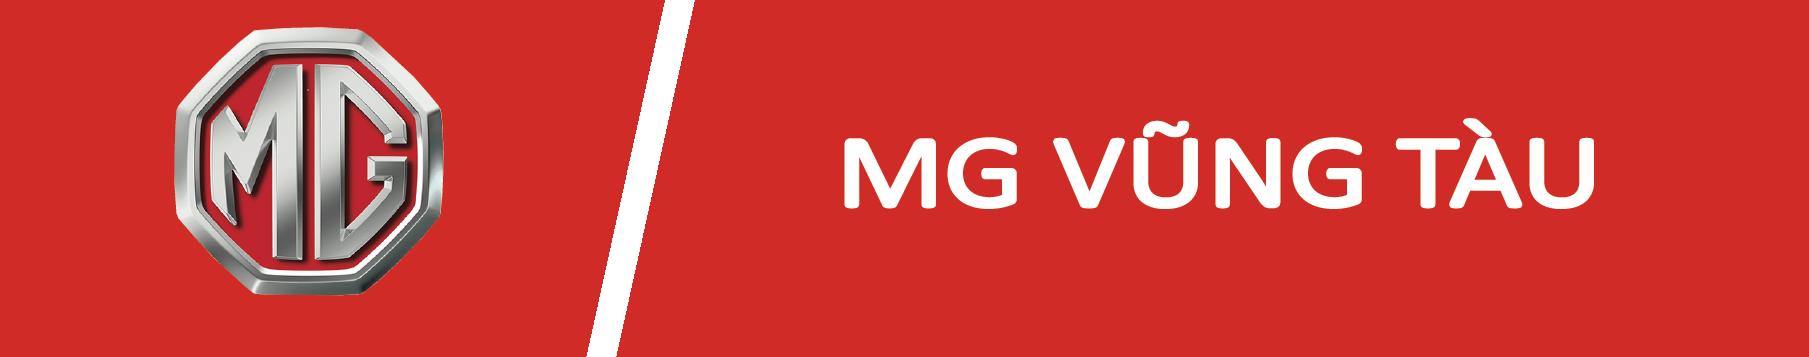 MG Vũng Tàu Official